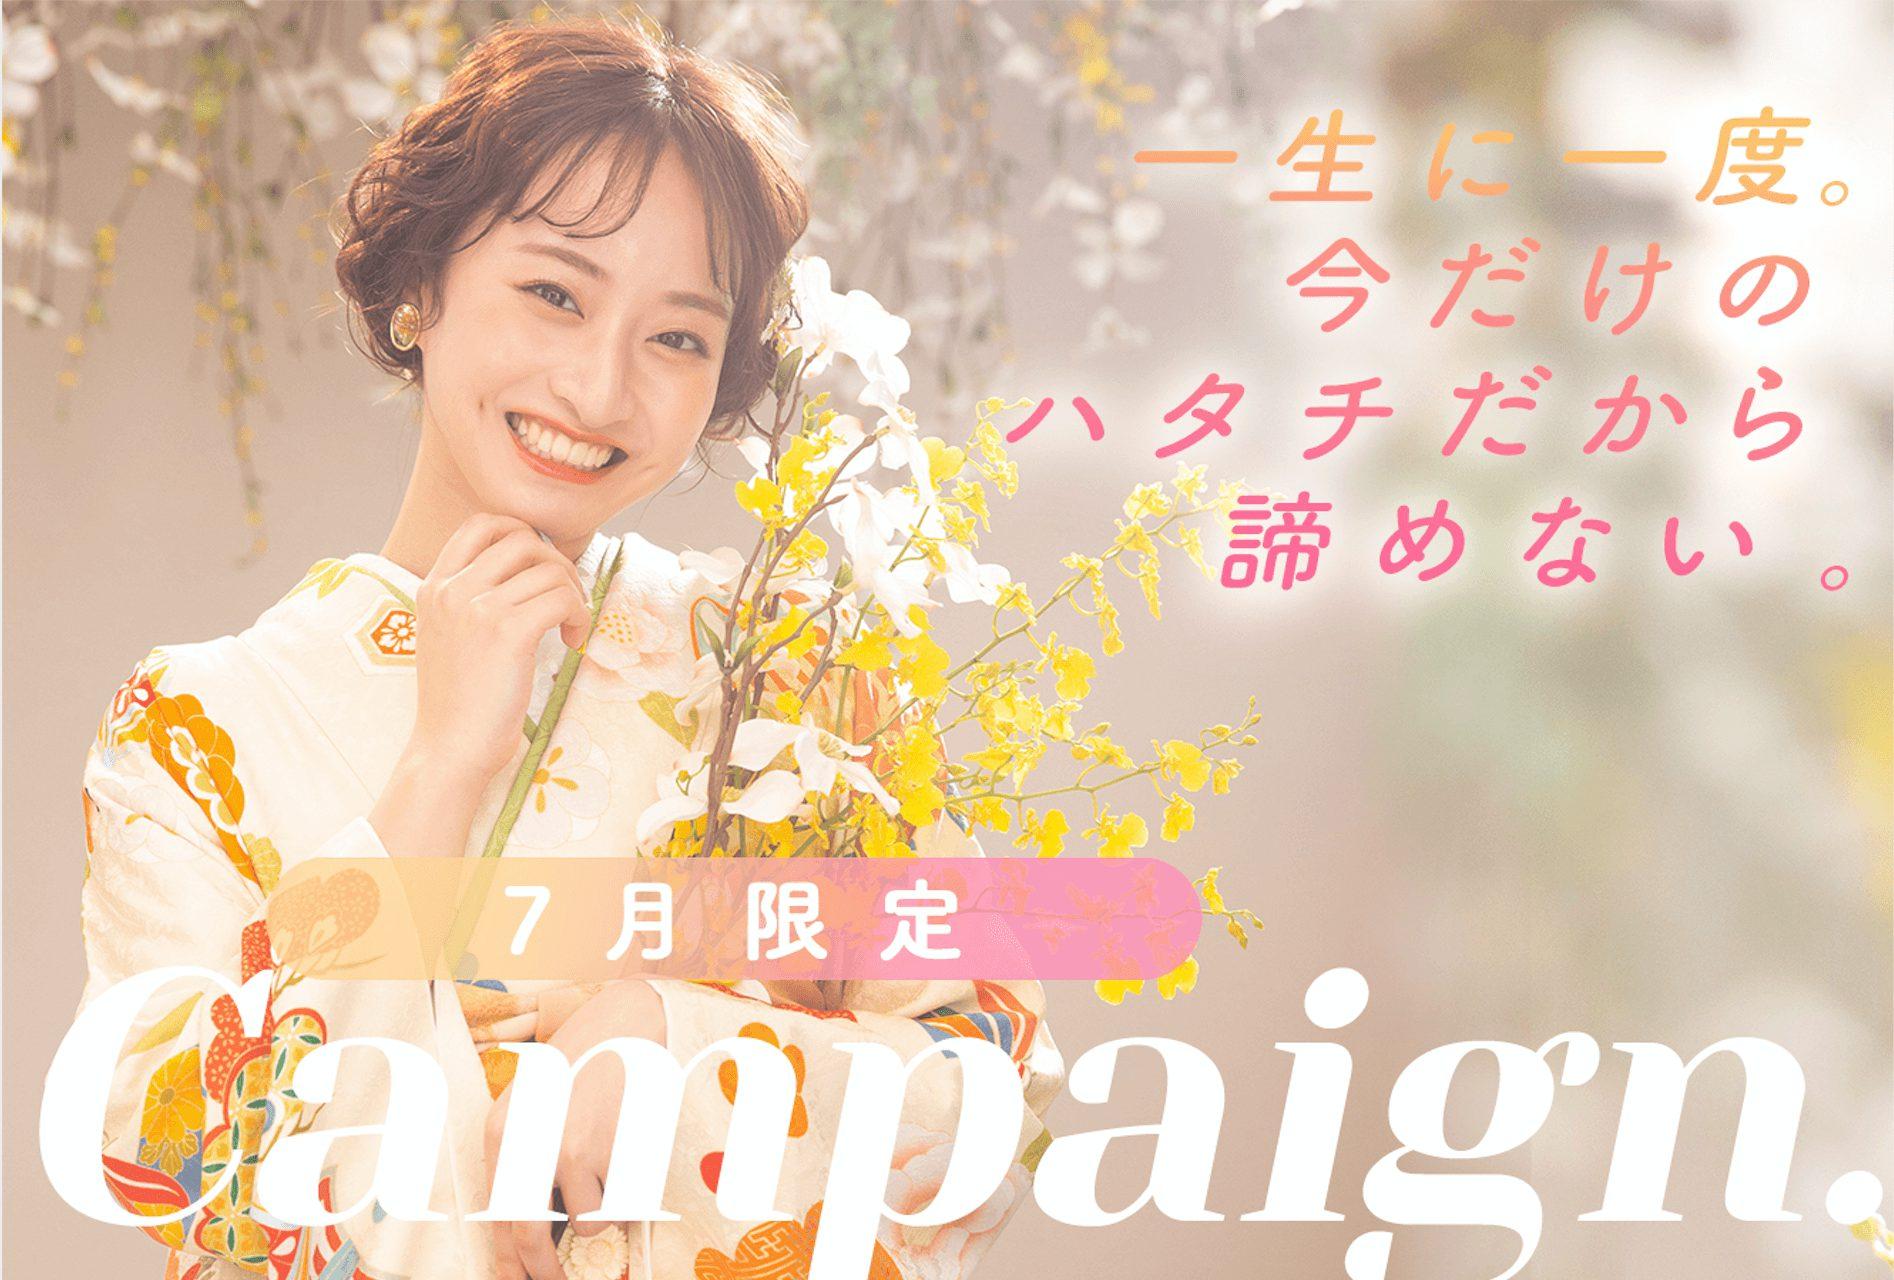 【帯広店】2022年新成人向け7月のキャンペーン情報♩オンラ...